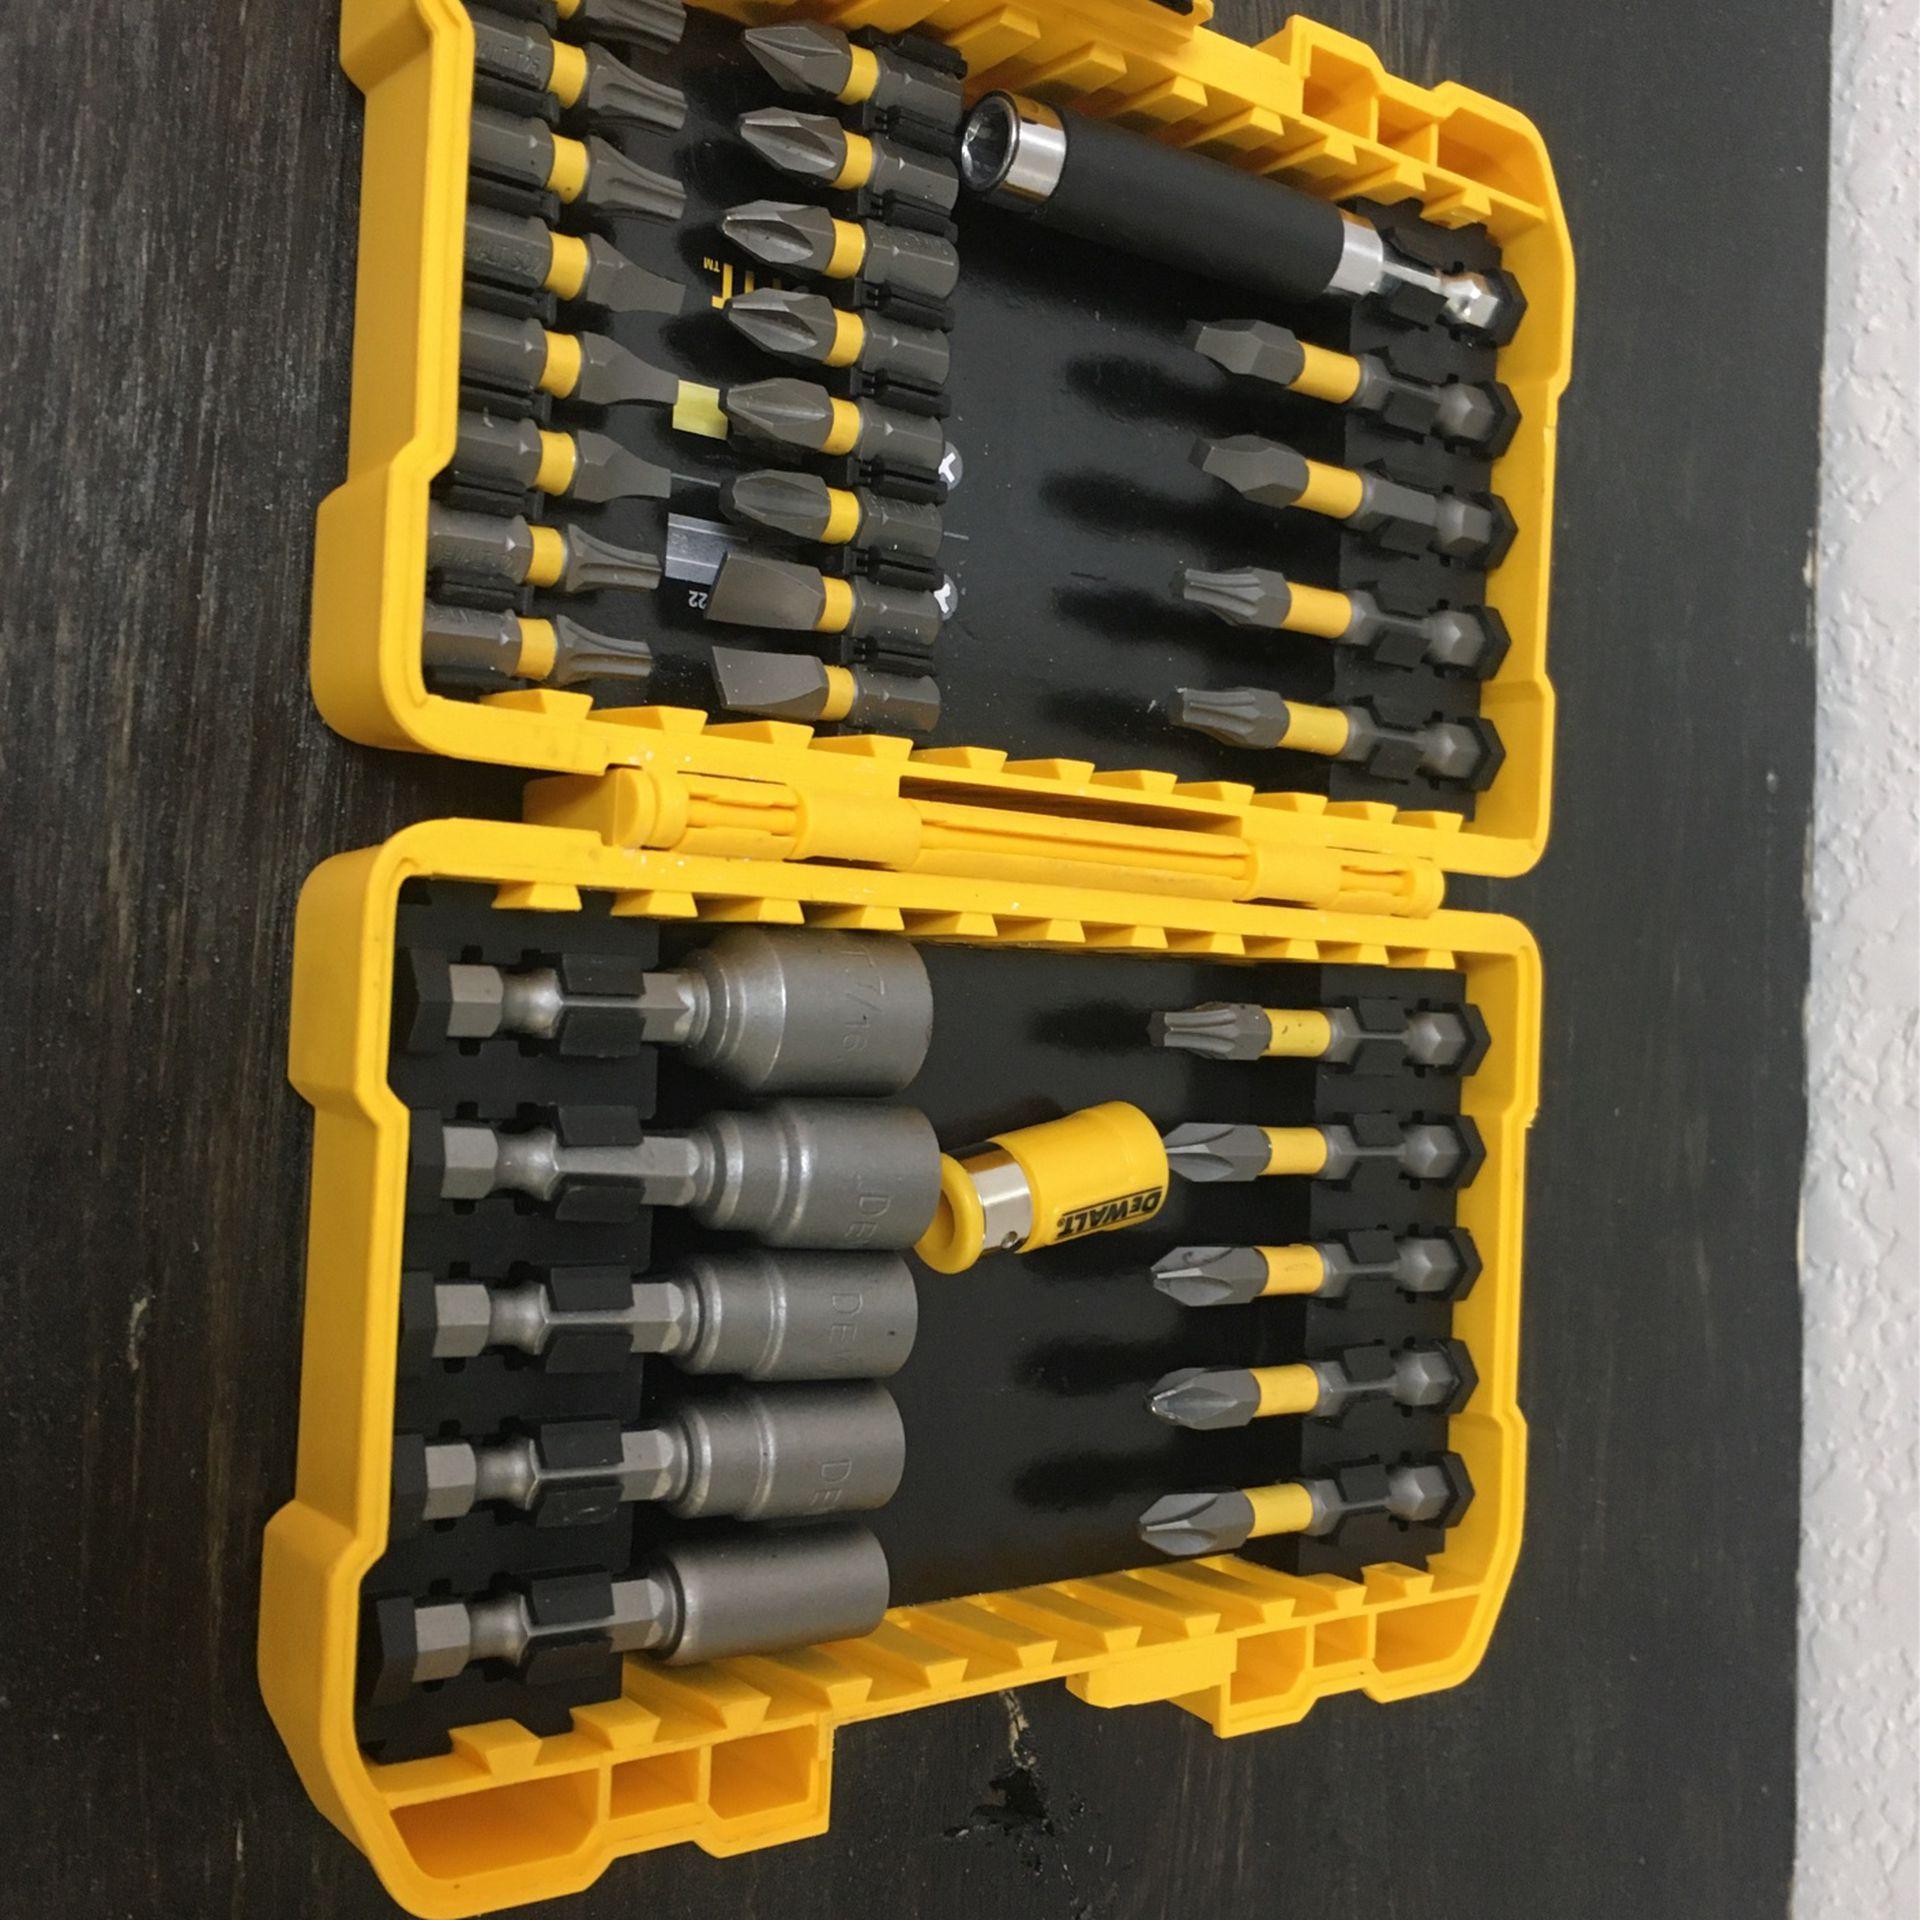 DEWALT Drill Bits Set Brand New Max fit DW2022 Industrial Tools Set BCP008848